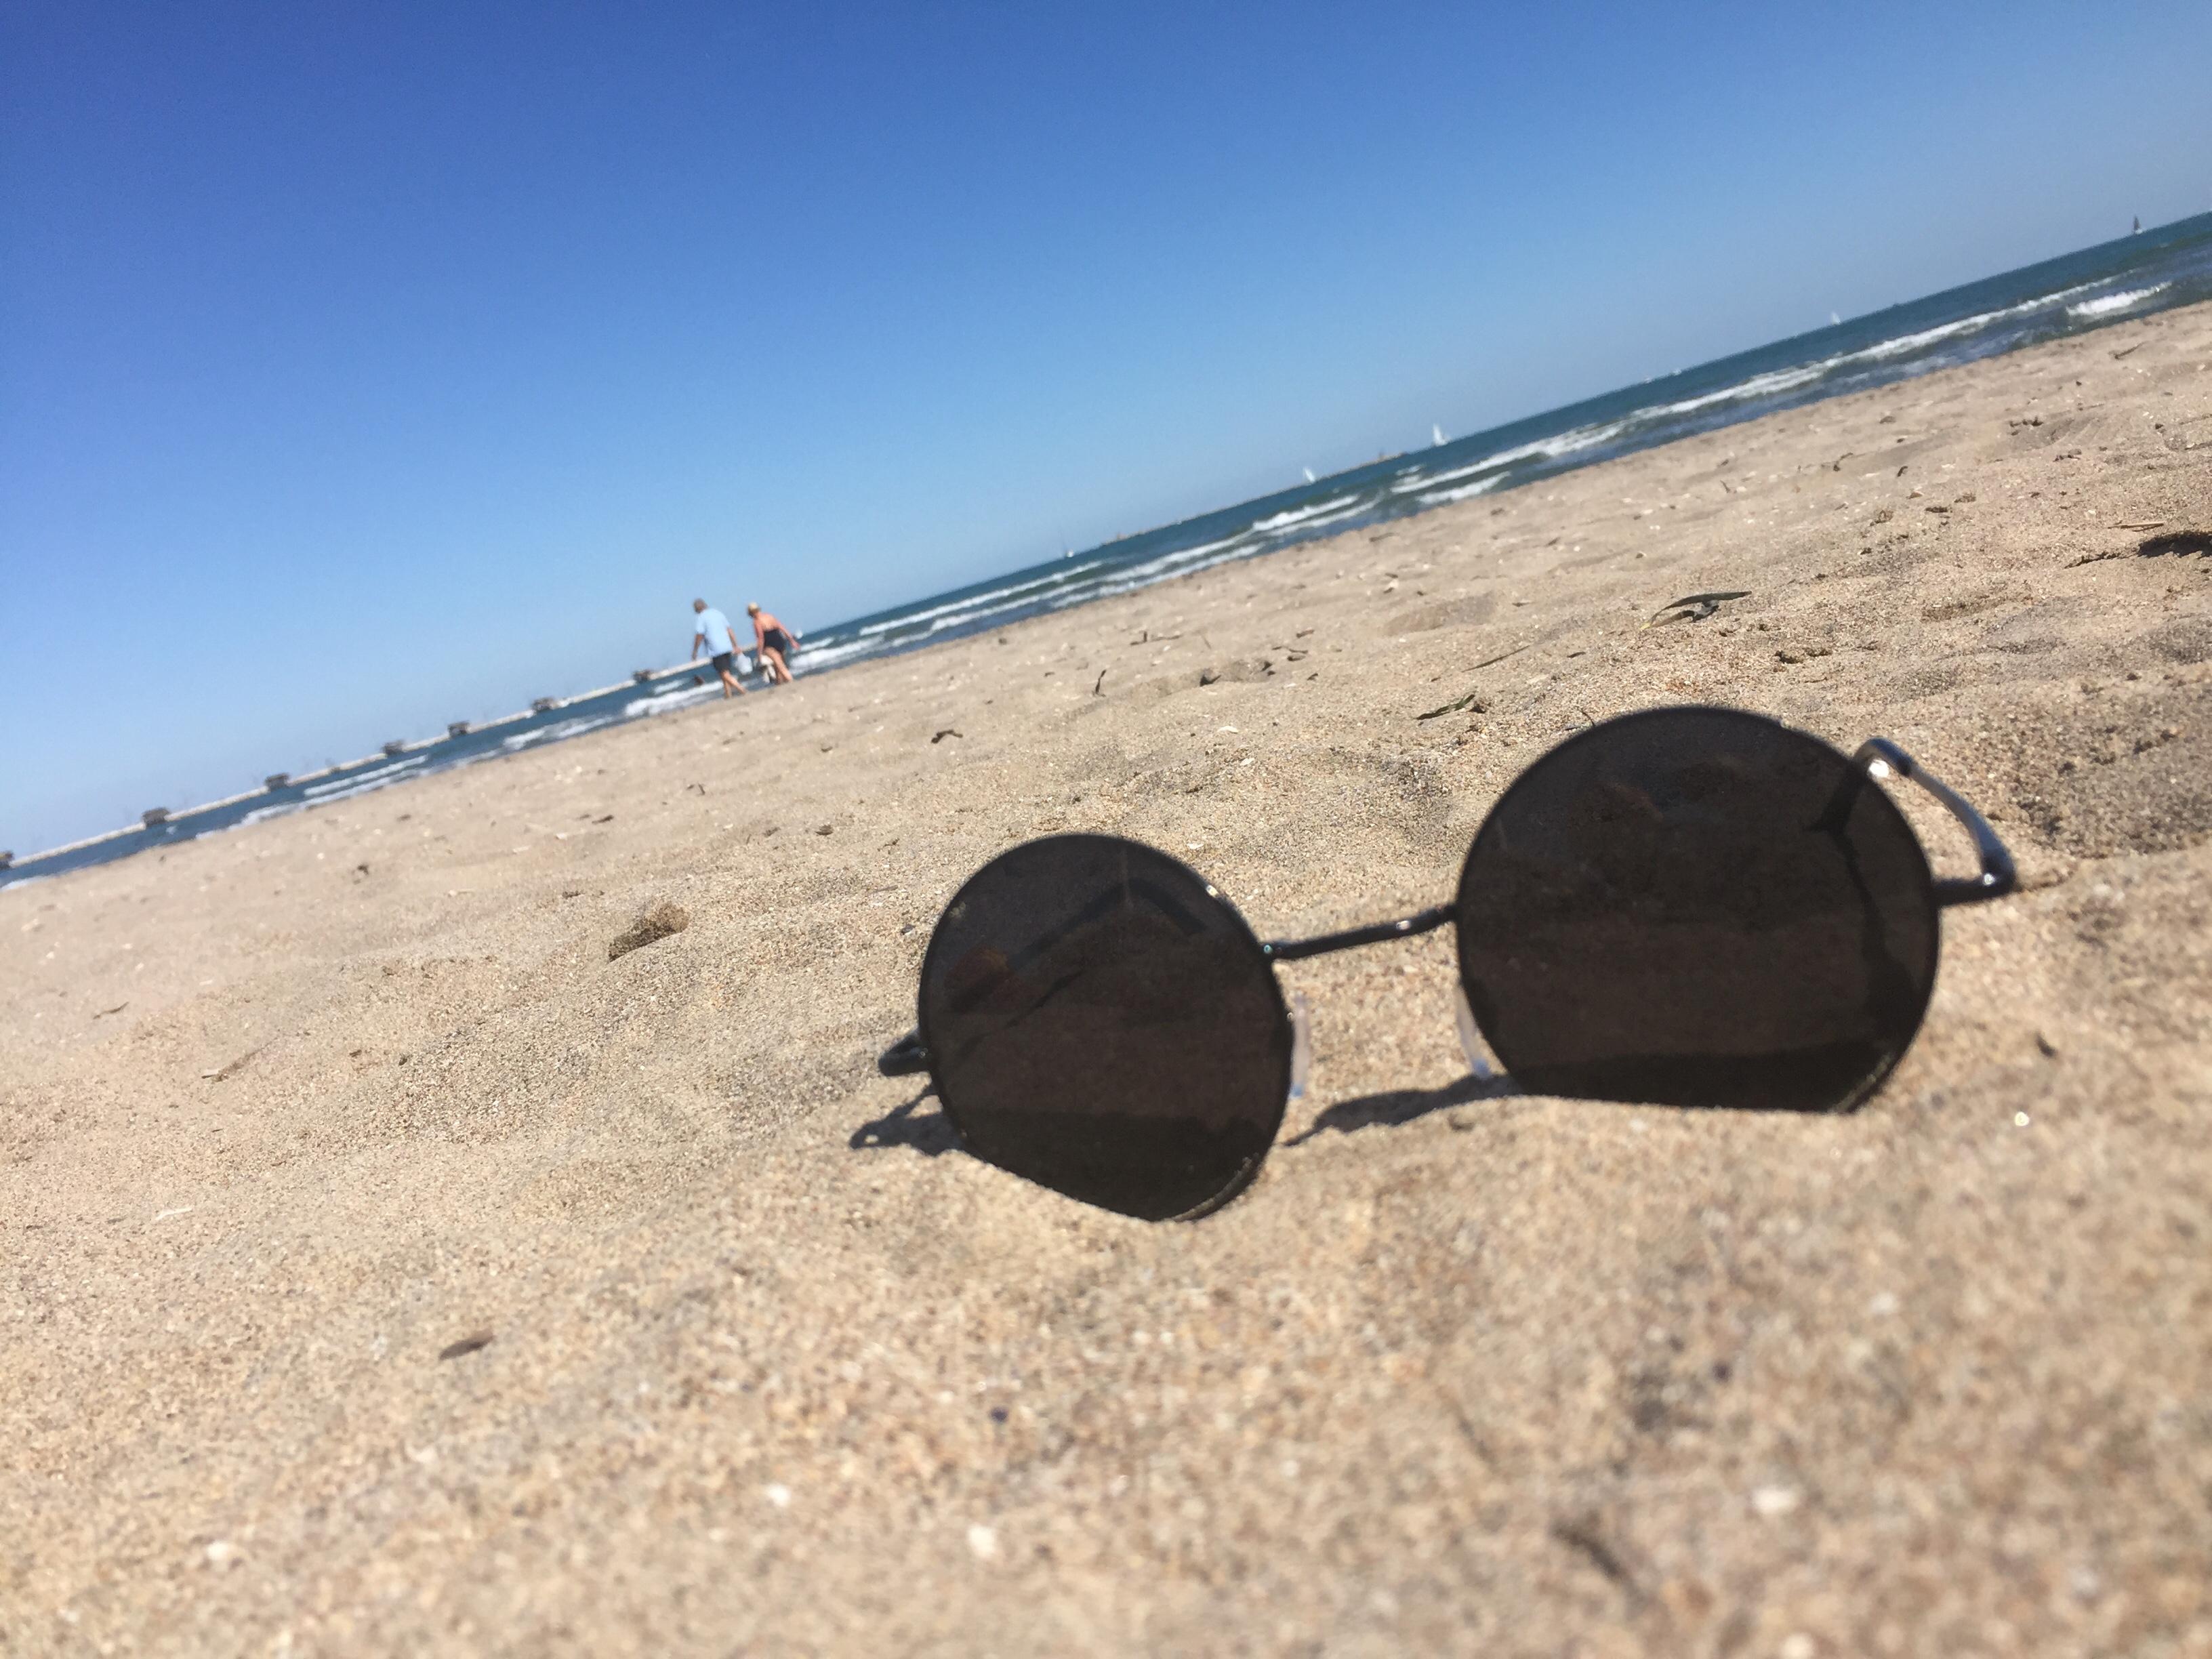 solbriller dekket av reiseofrsikring